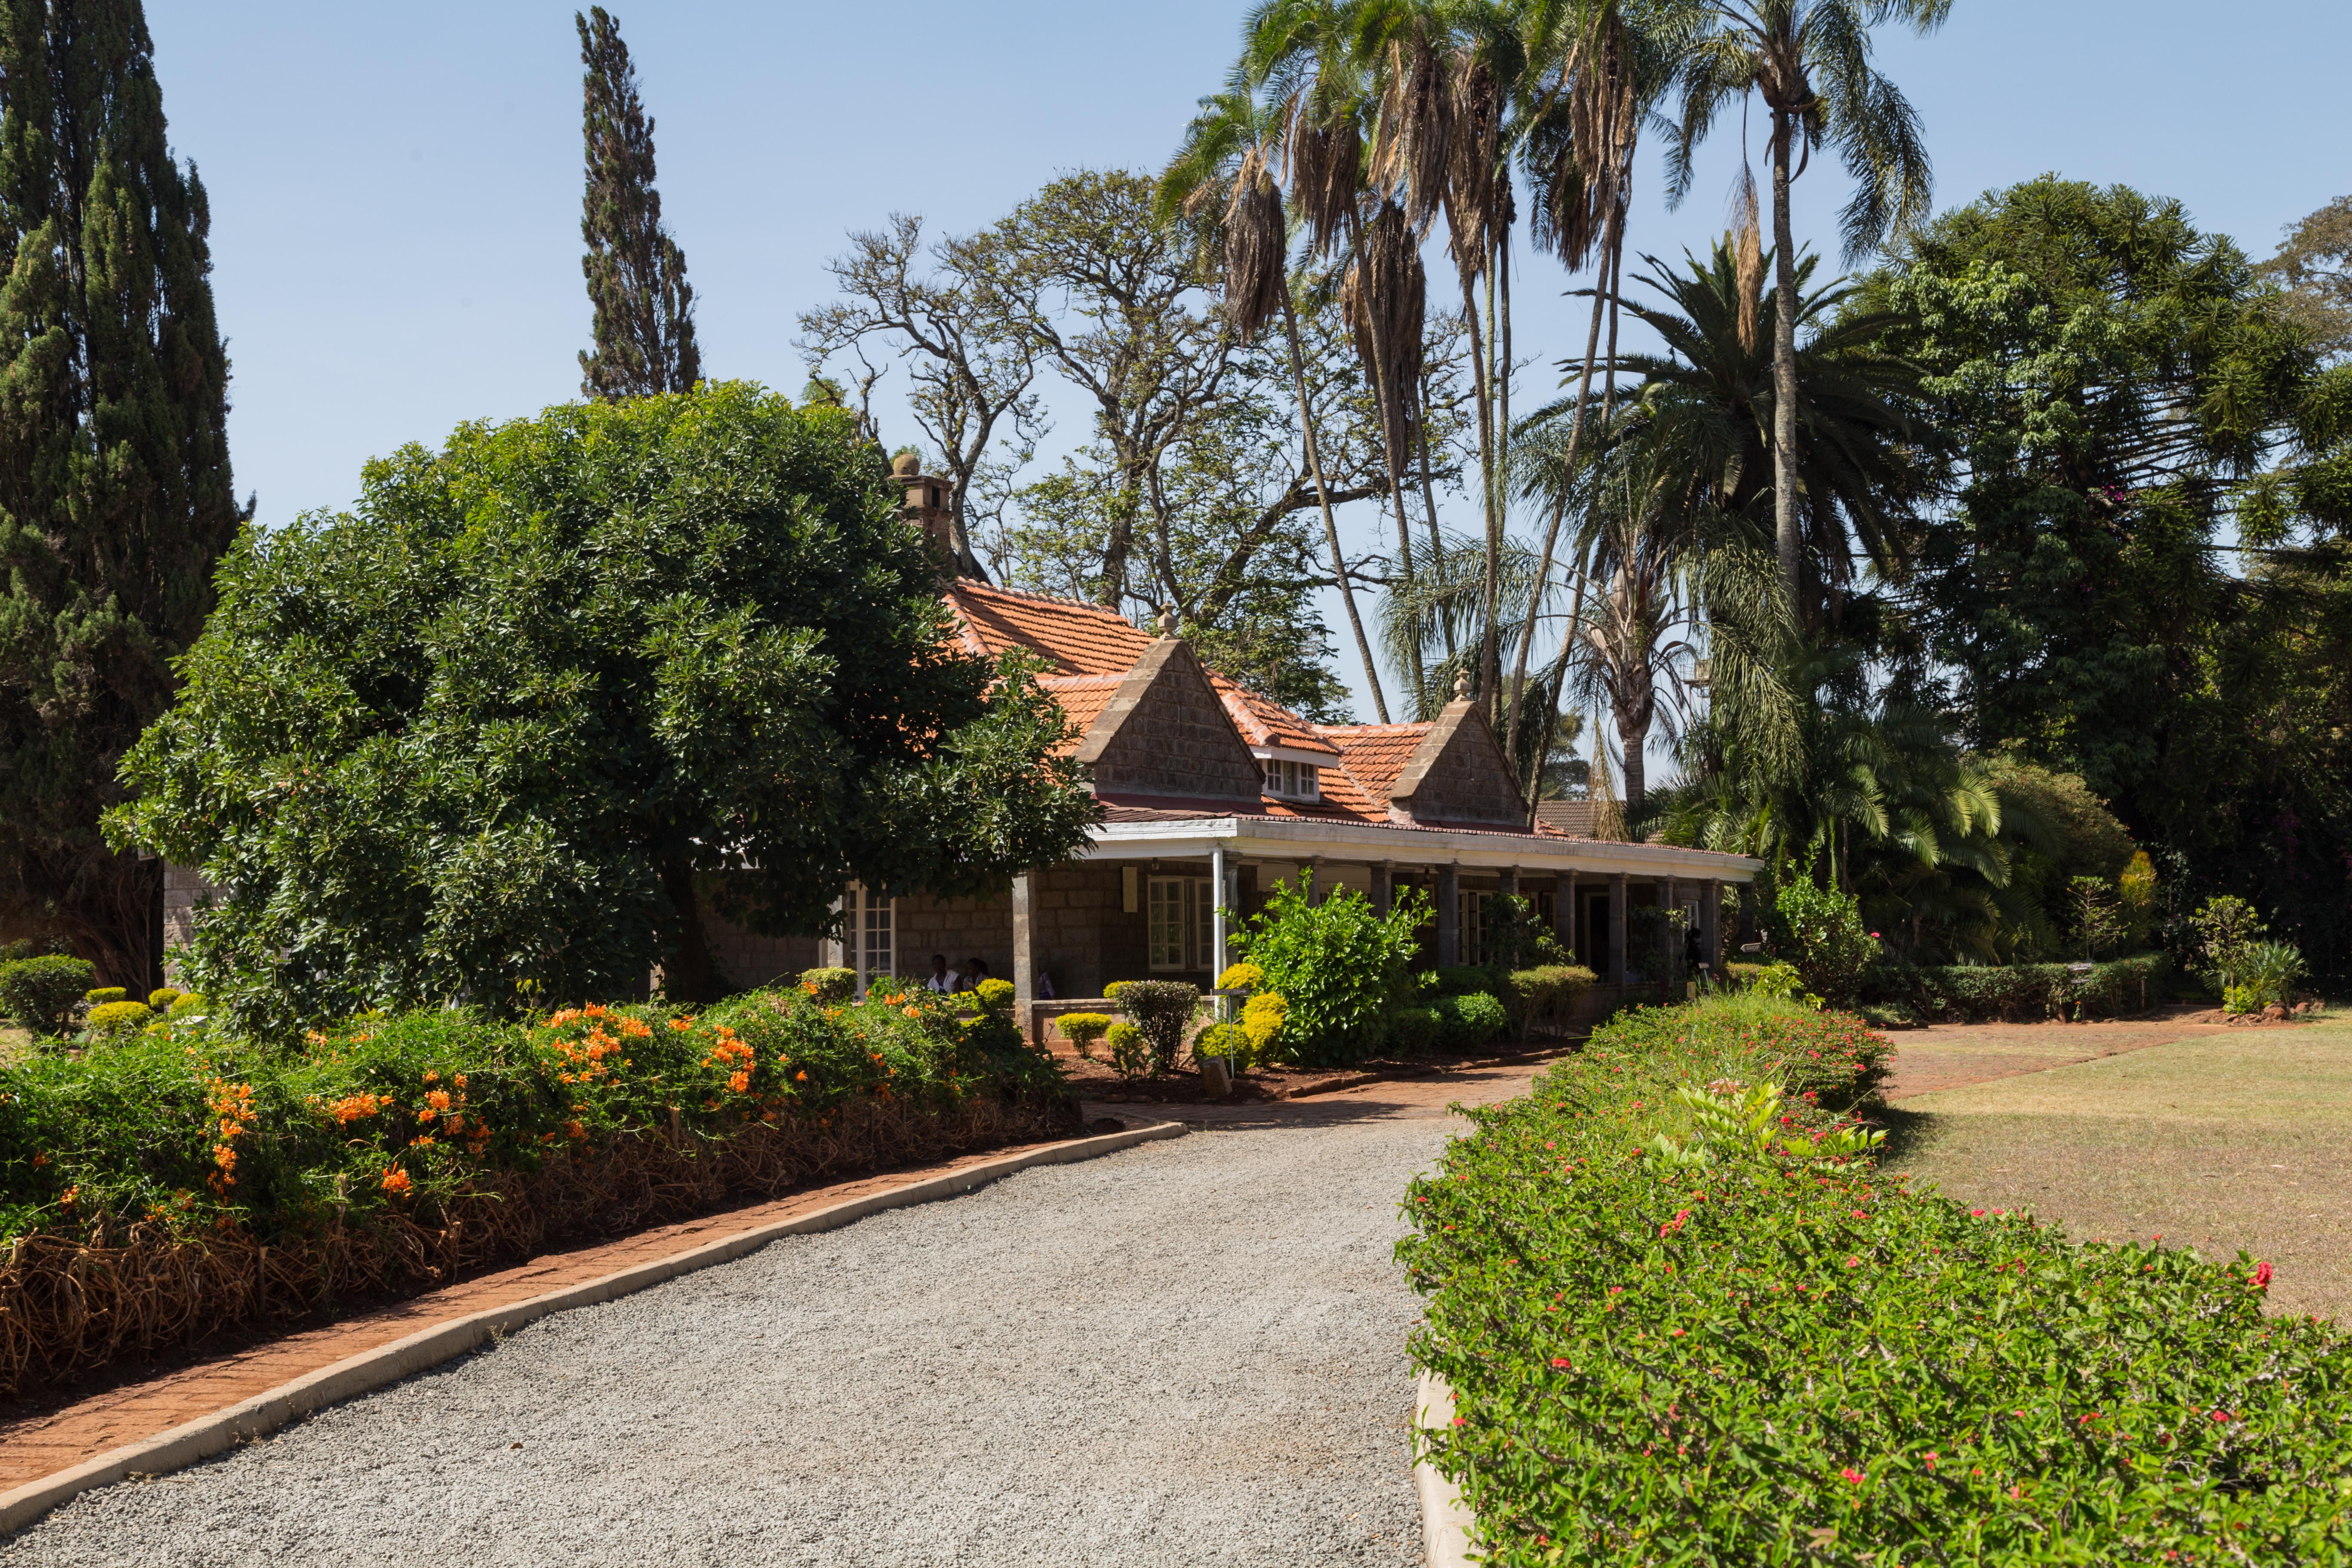 ¿Te gustaría tener una granja en África? - Kenia Safari Kenia y Tanzania al completo